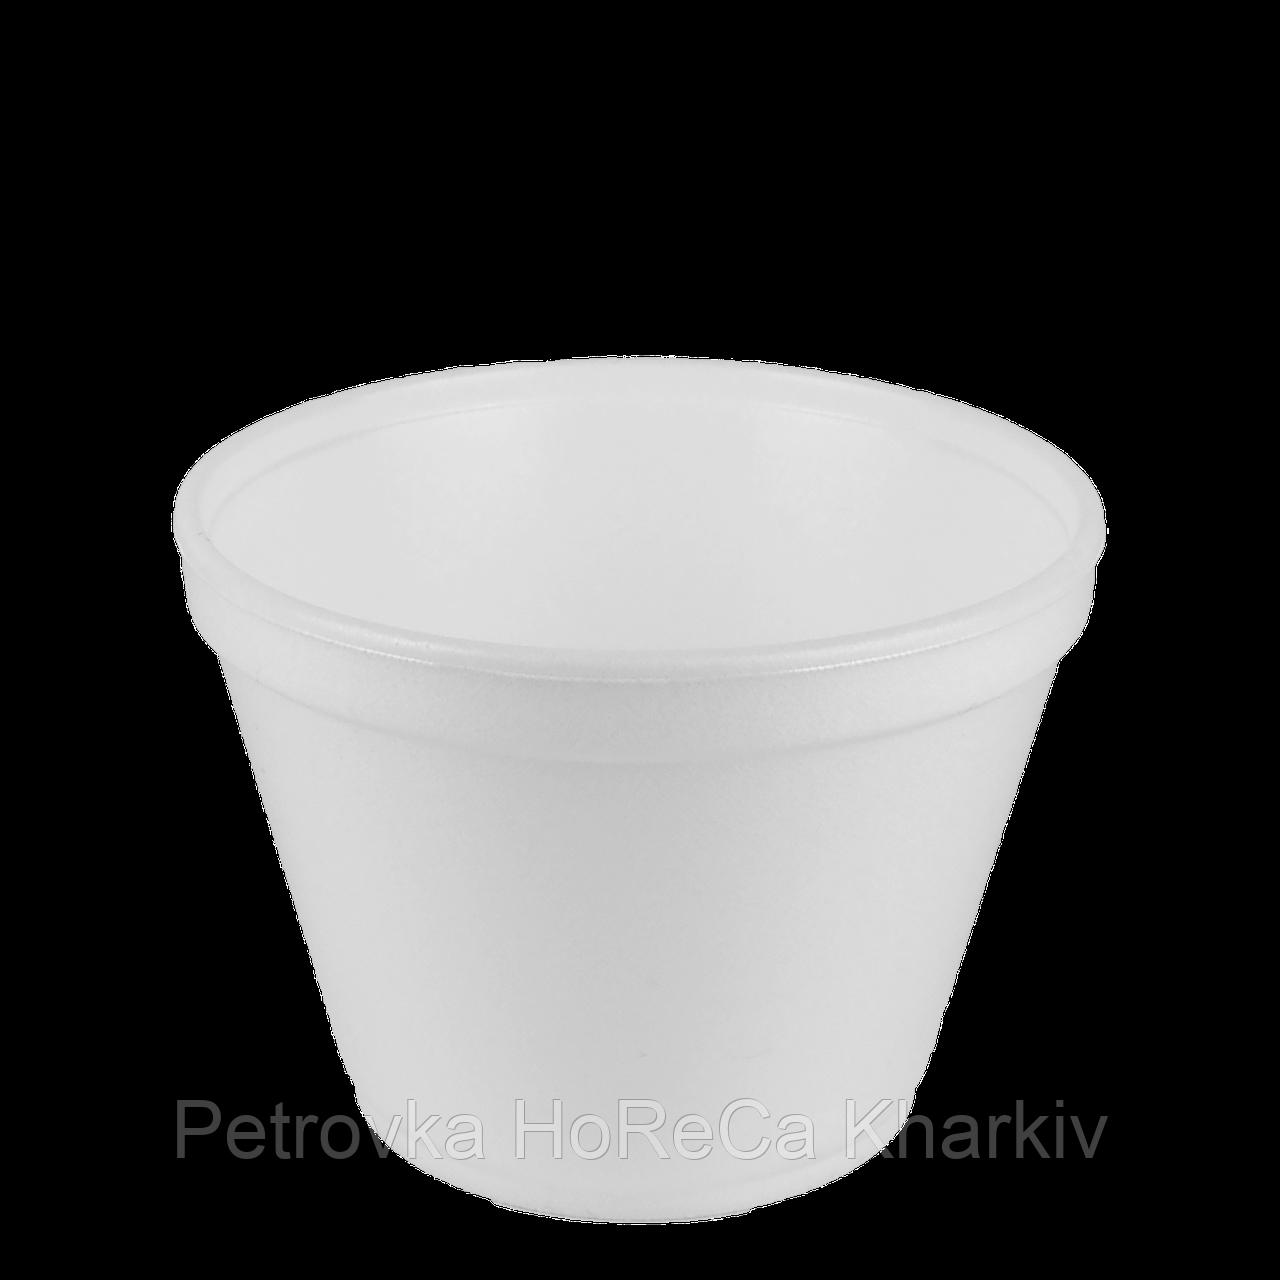 Супниця Пінополістирол 450мл. (25шт/рукав)Висота 8,25 см, Діаметр: низ-7,5 см, верх-11,3 см(1ящ/20шт)